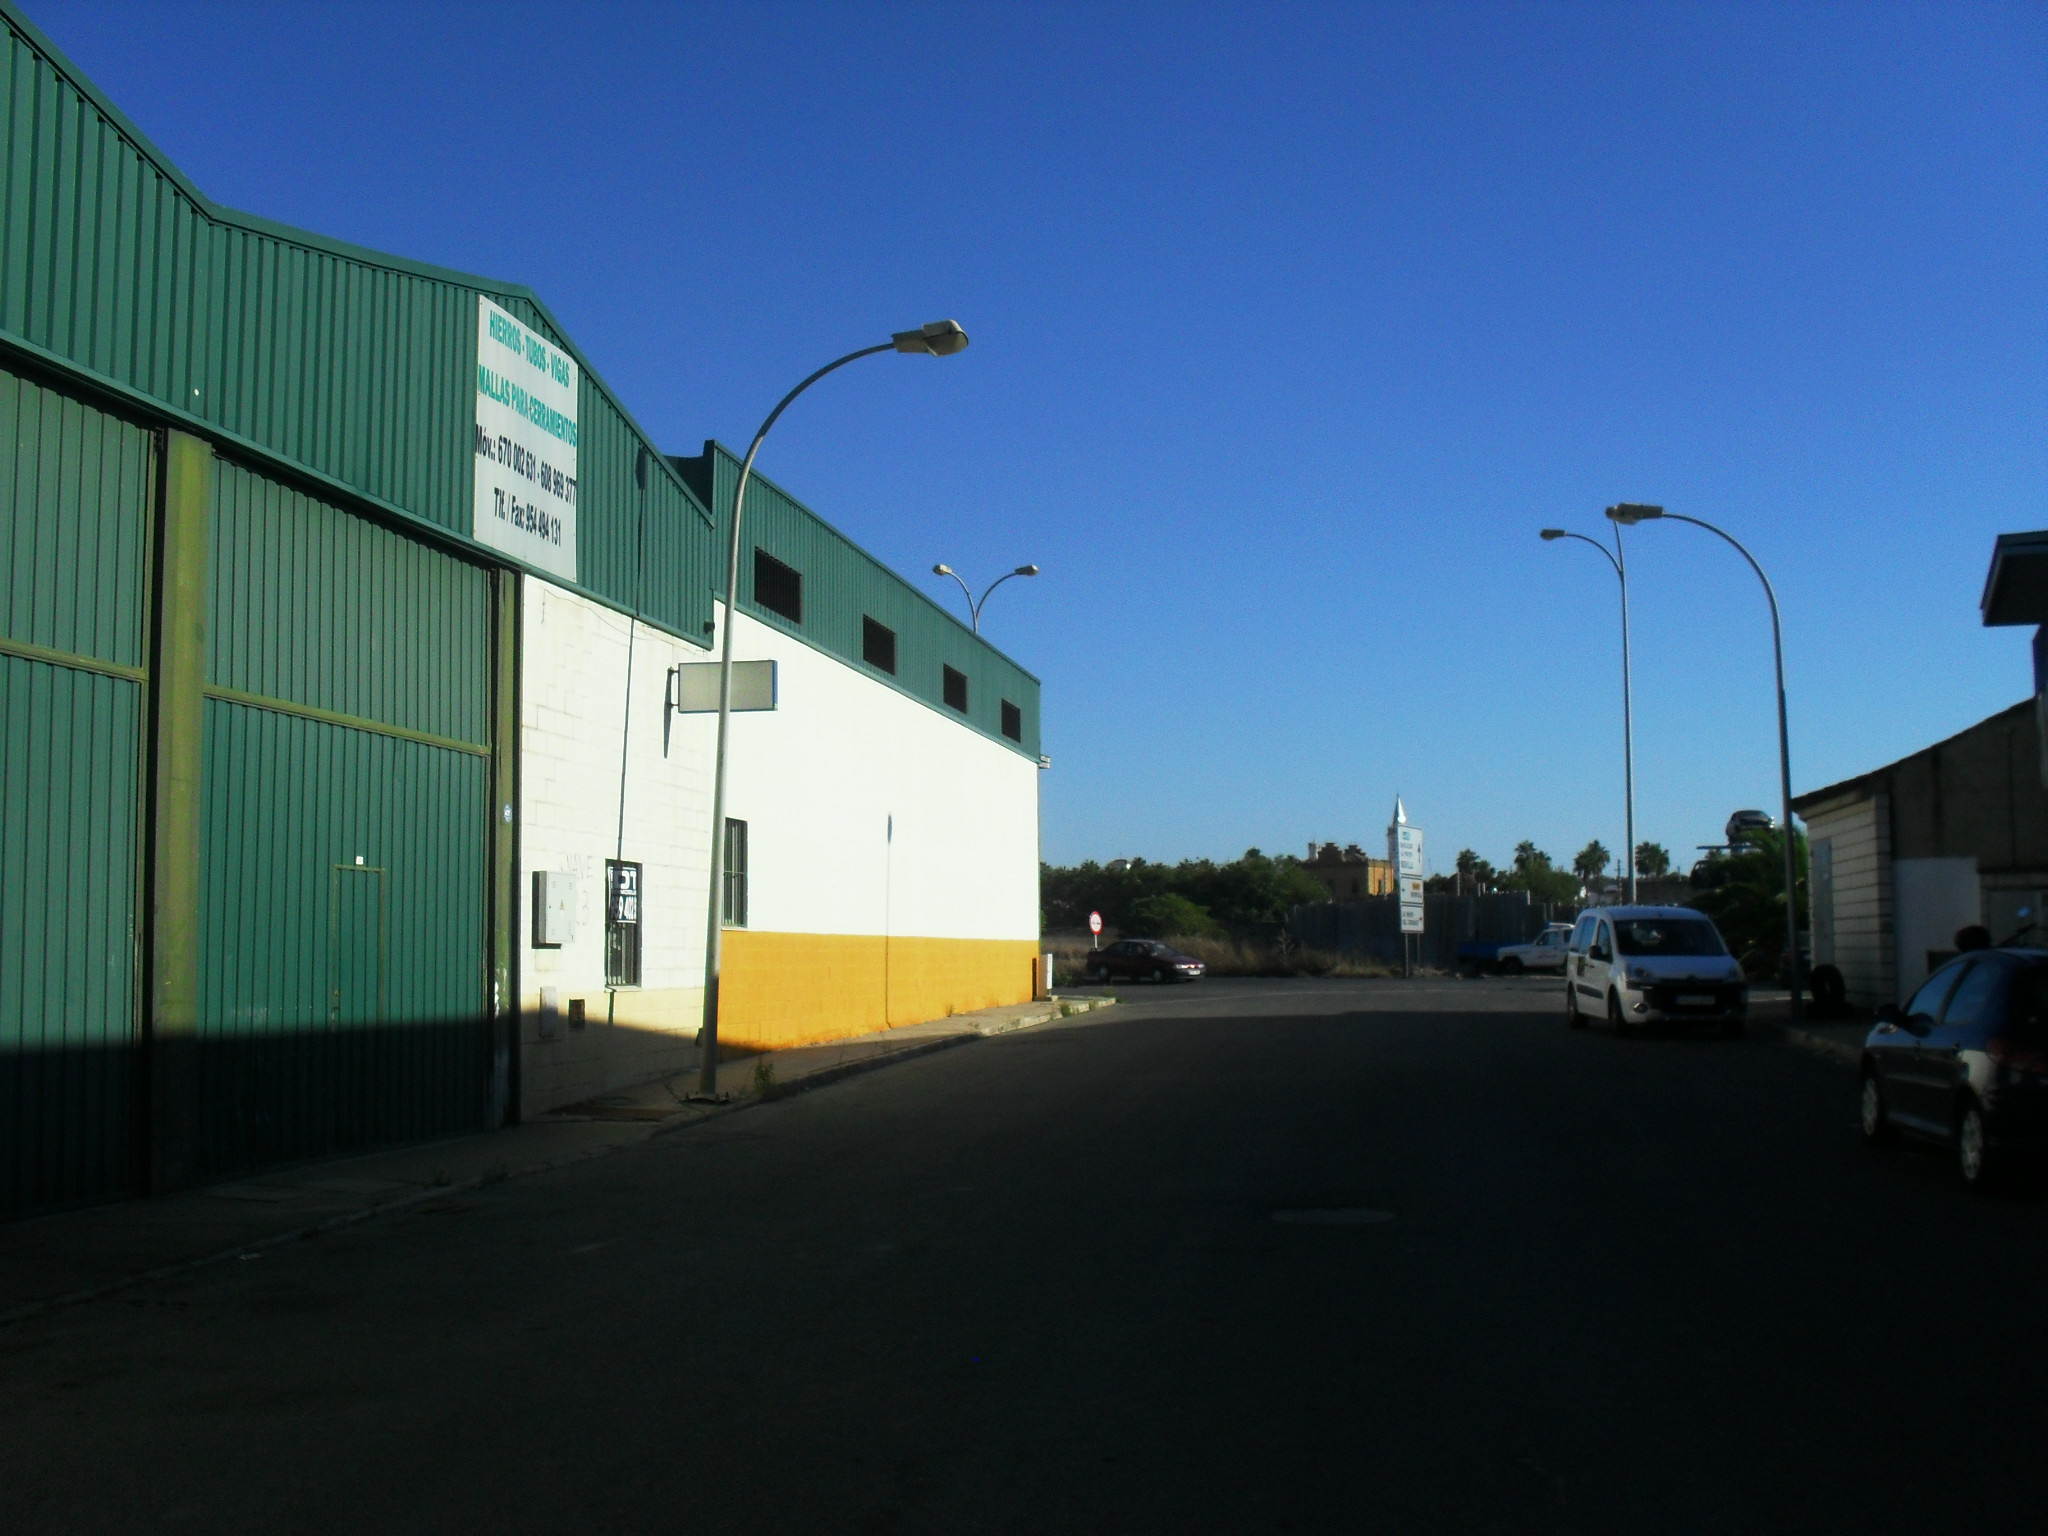 Nave industrial polígono VI centenario en La Palma del condado, Huelva